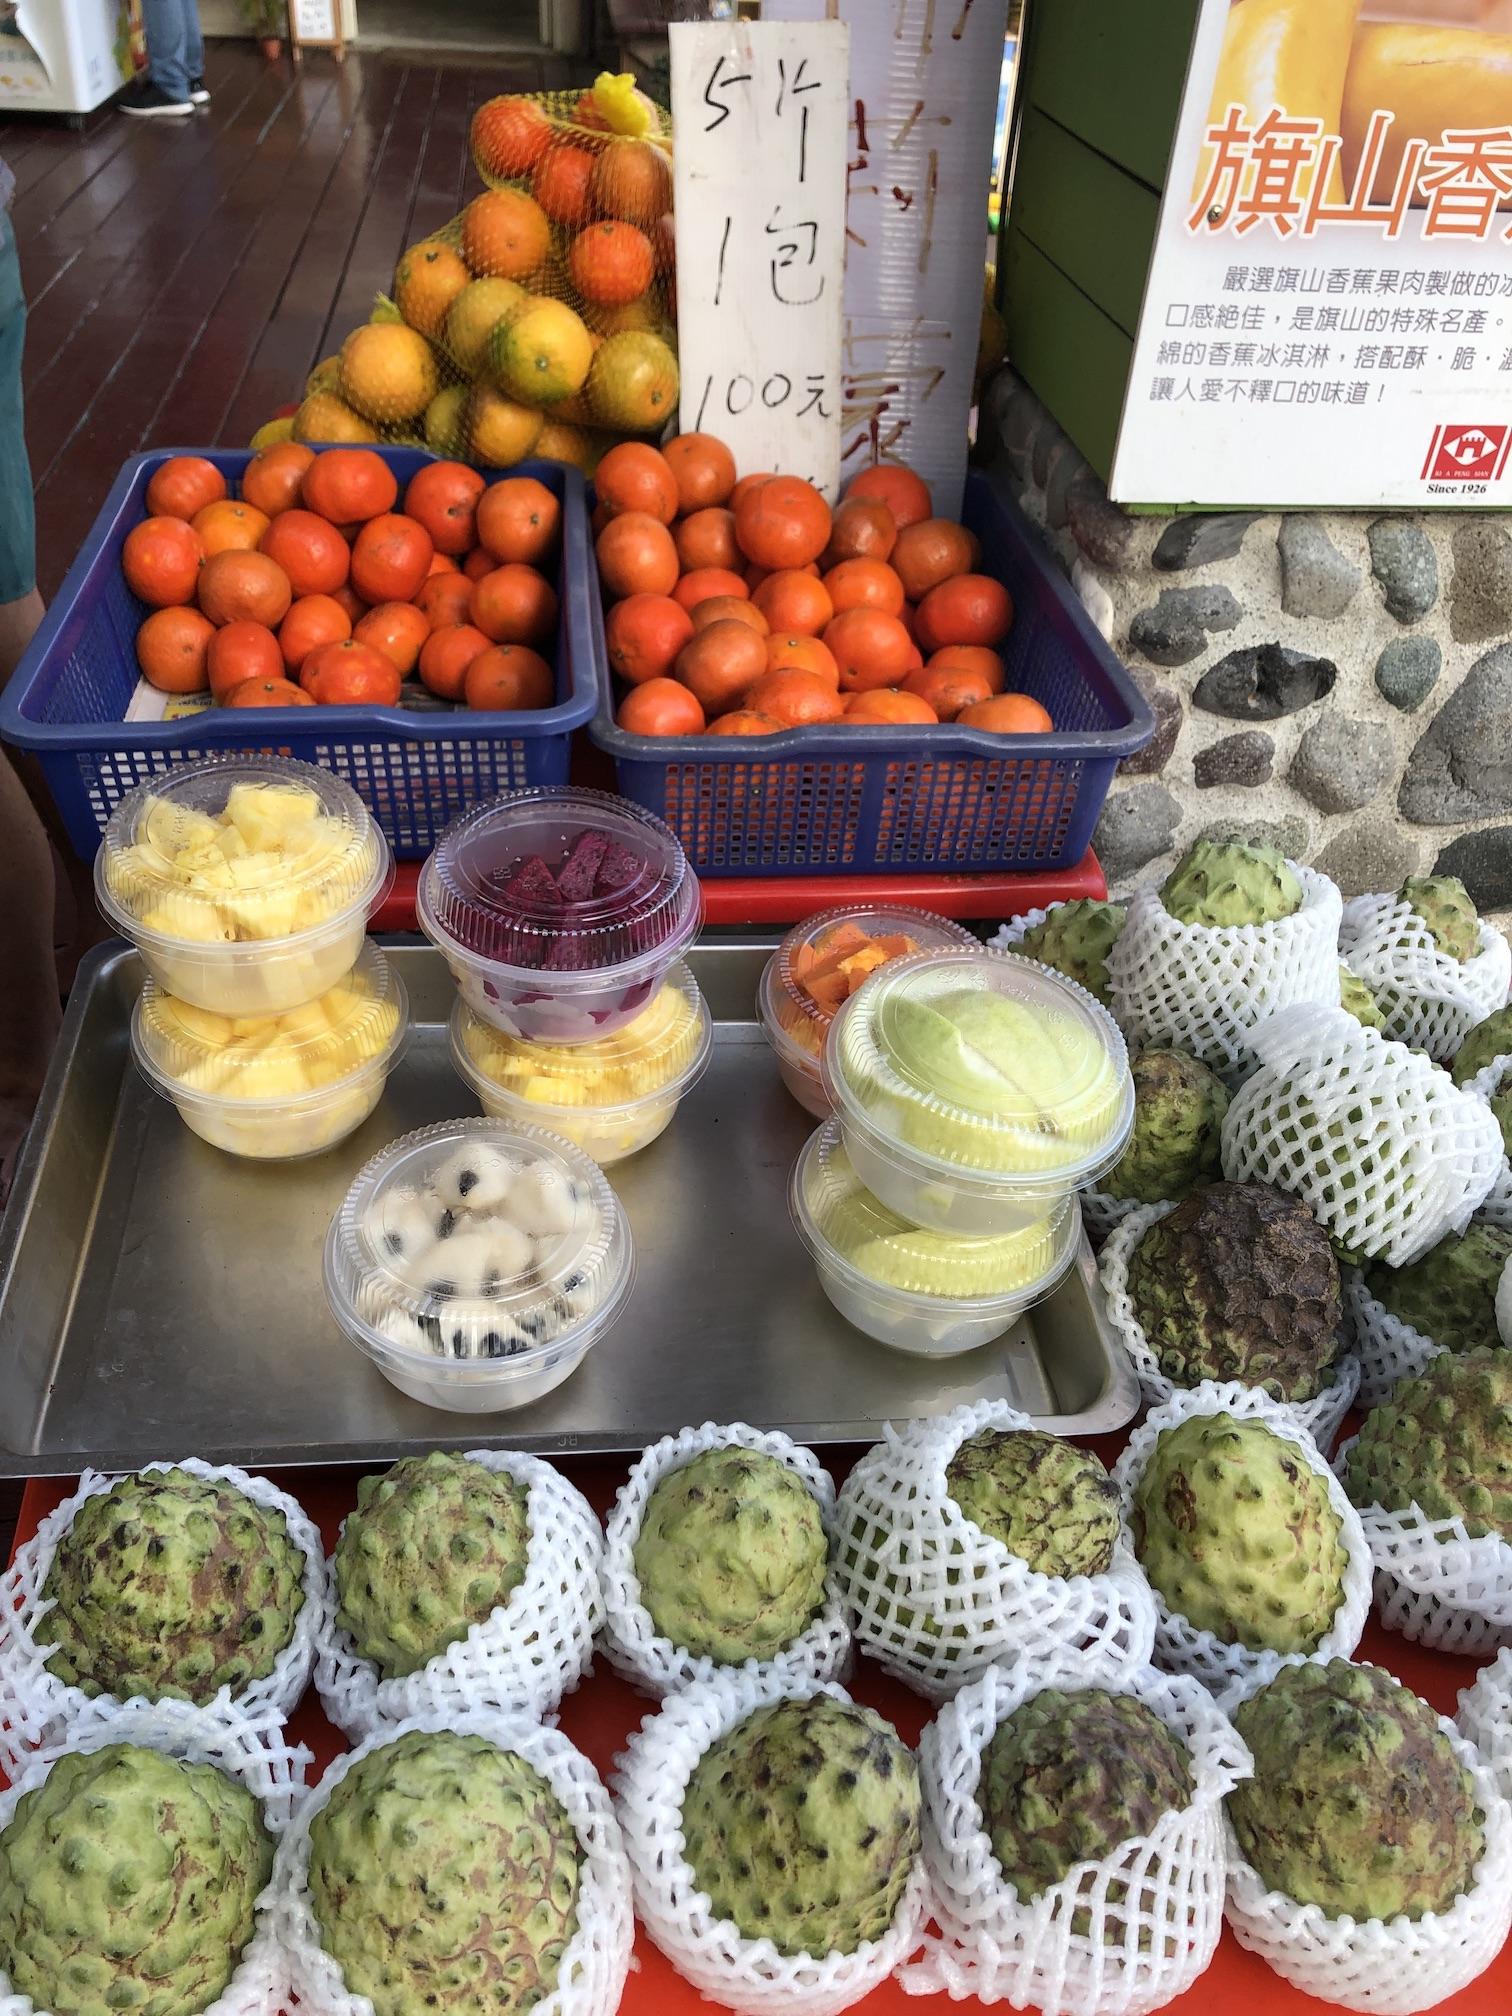 the most amazing fresh fruit!